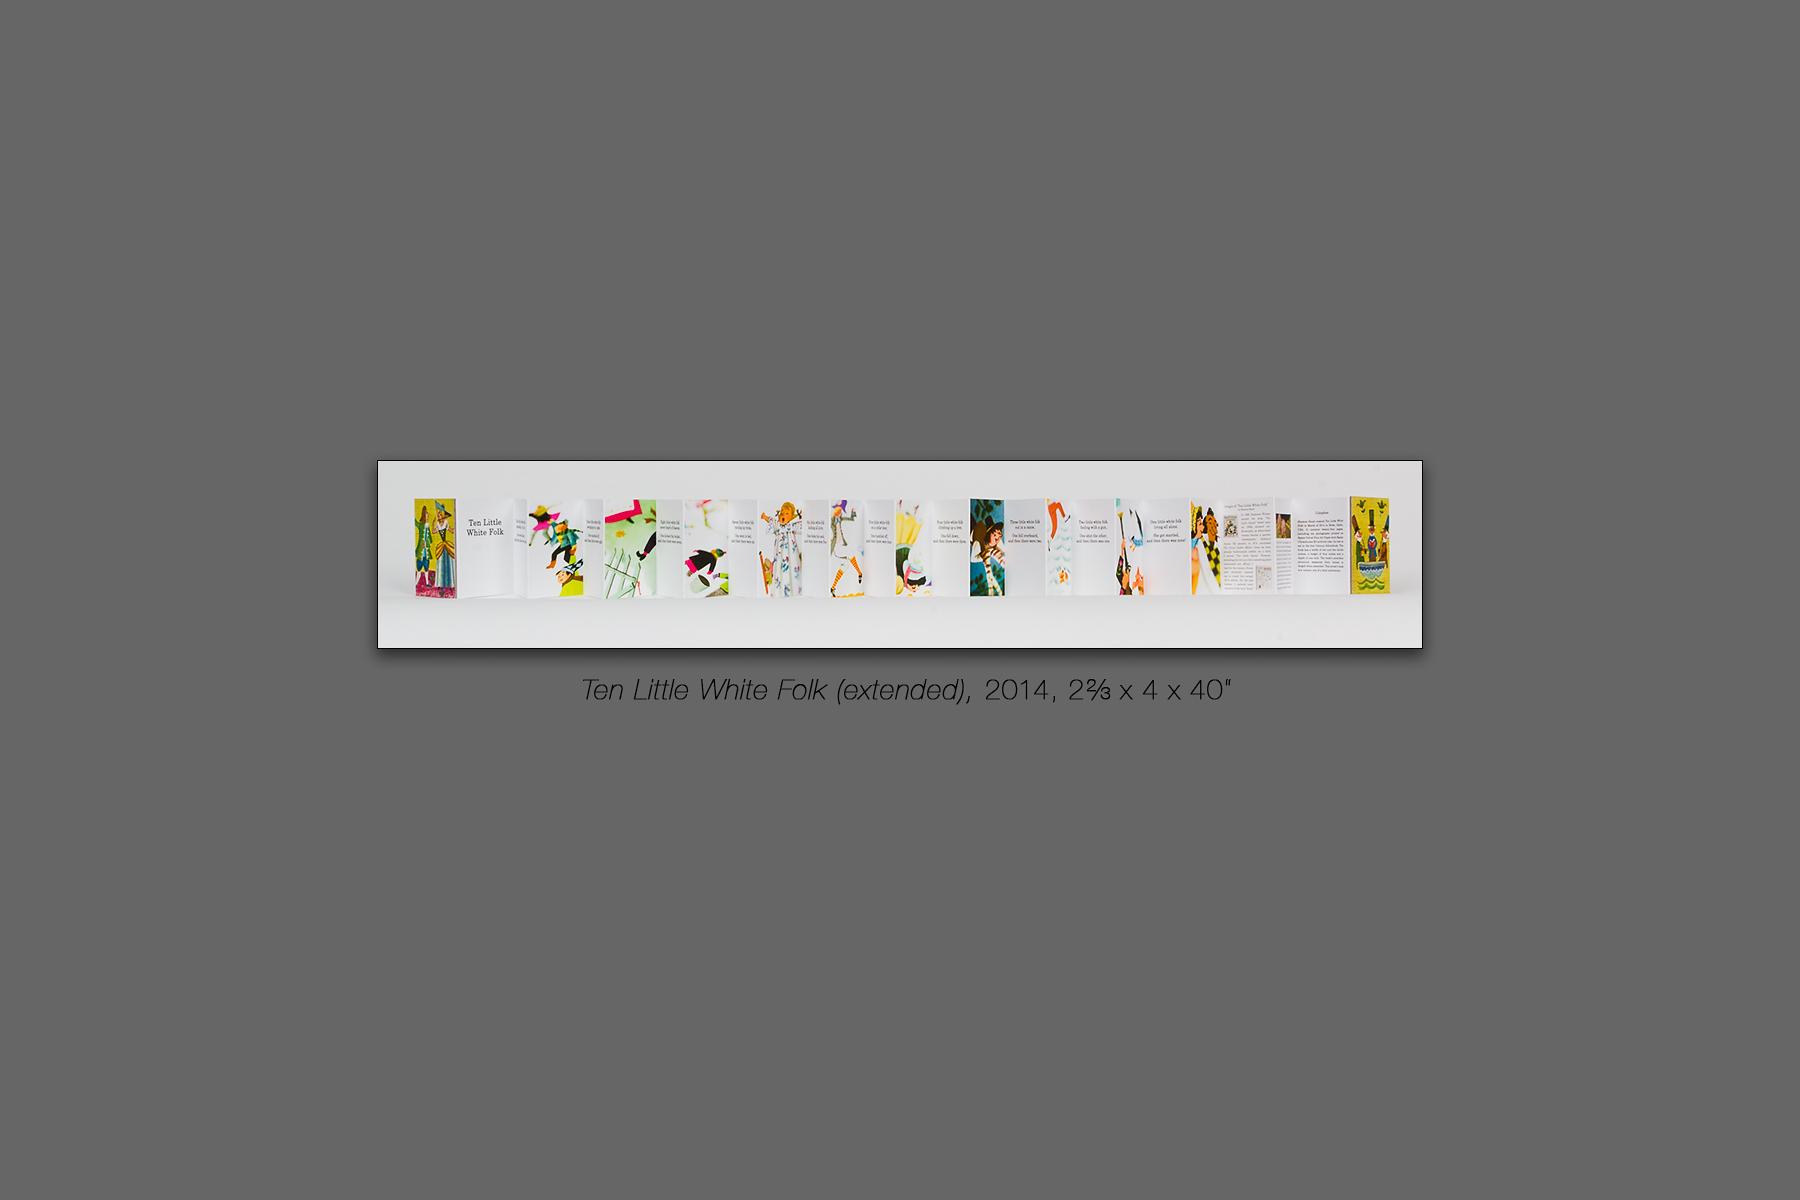 """Ten Little White Folk (extended), 2014, 2⅔ x 4 x 40"""""""